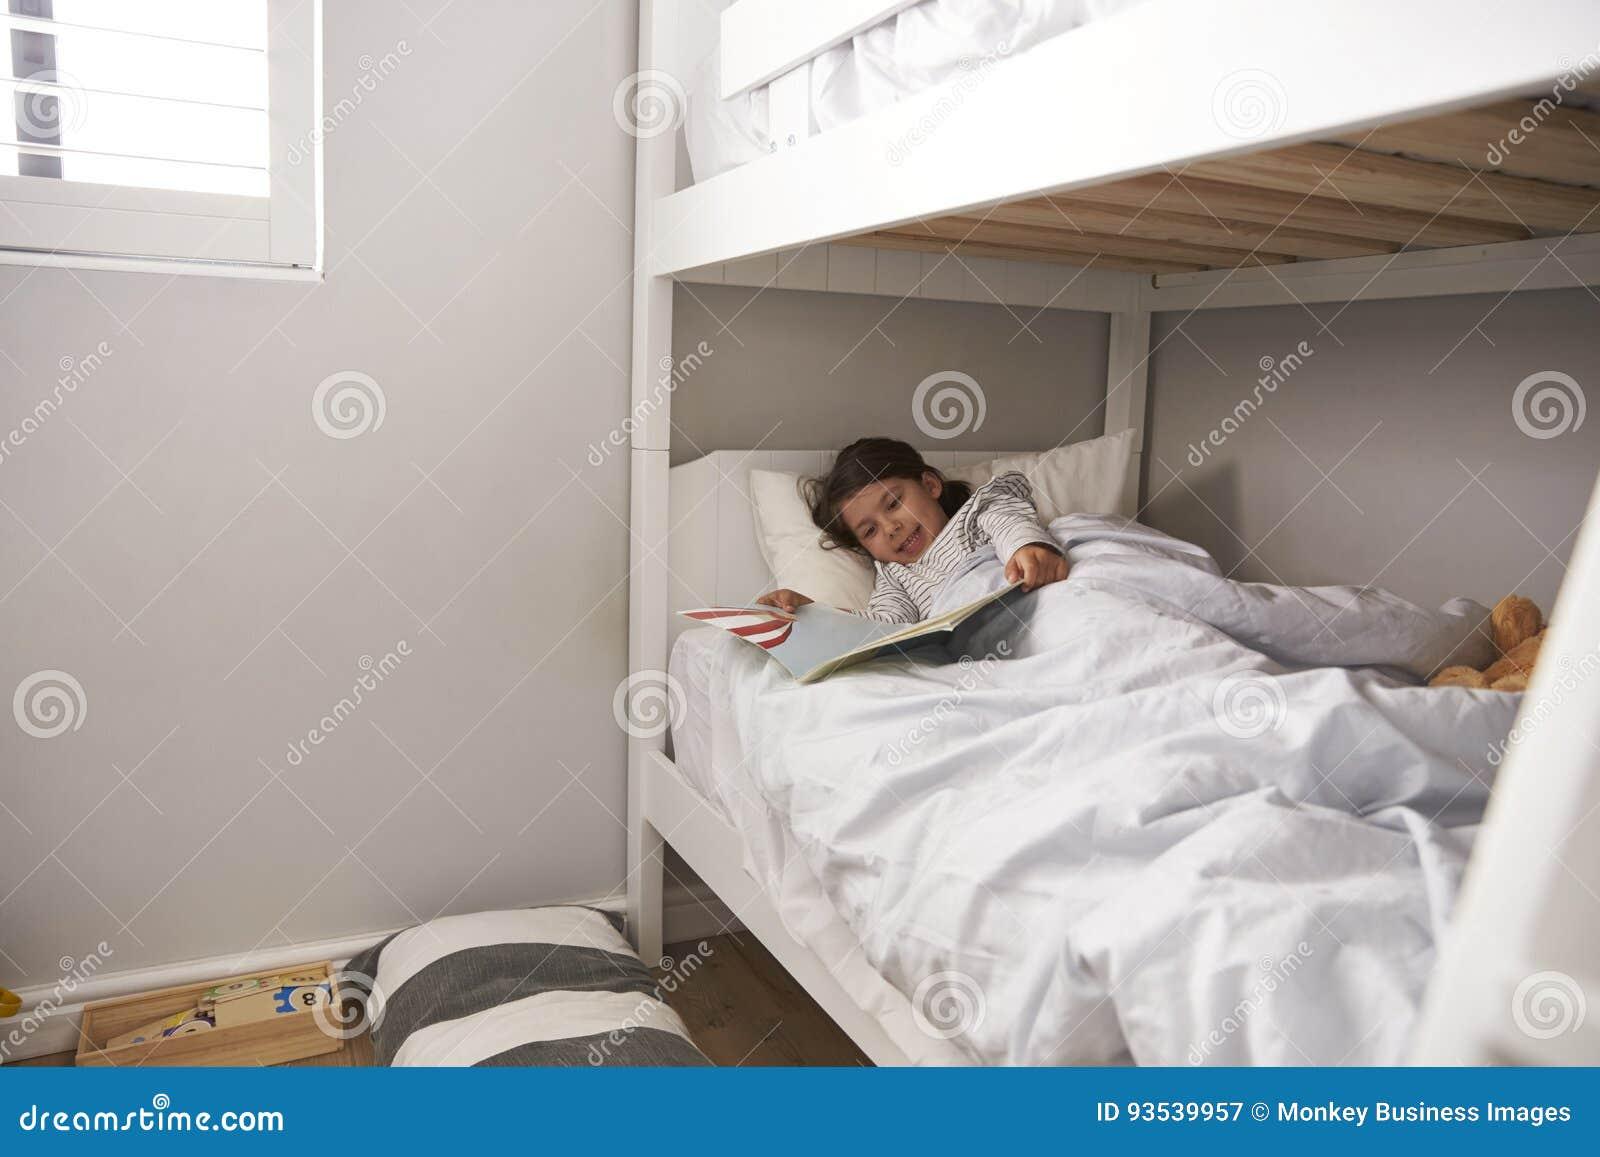 Etagenbett Für Mädchen : Mädchen lesegeschichte im etagenbett zur schlafenszeit stockbild